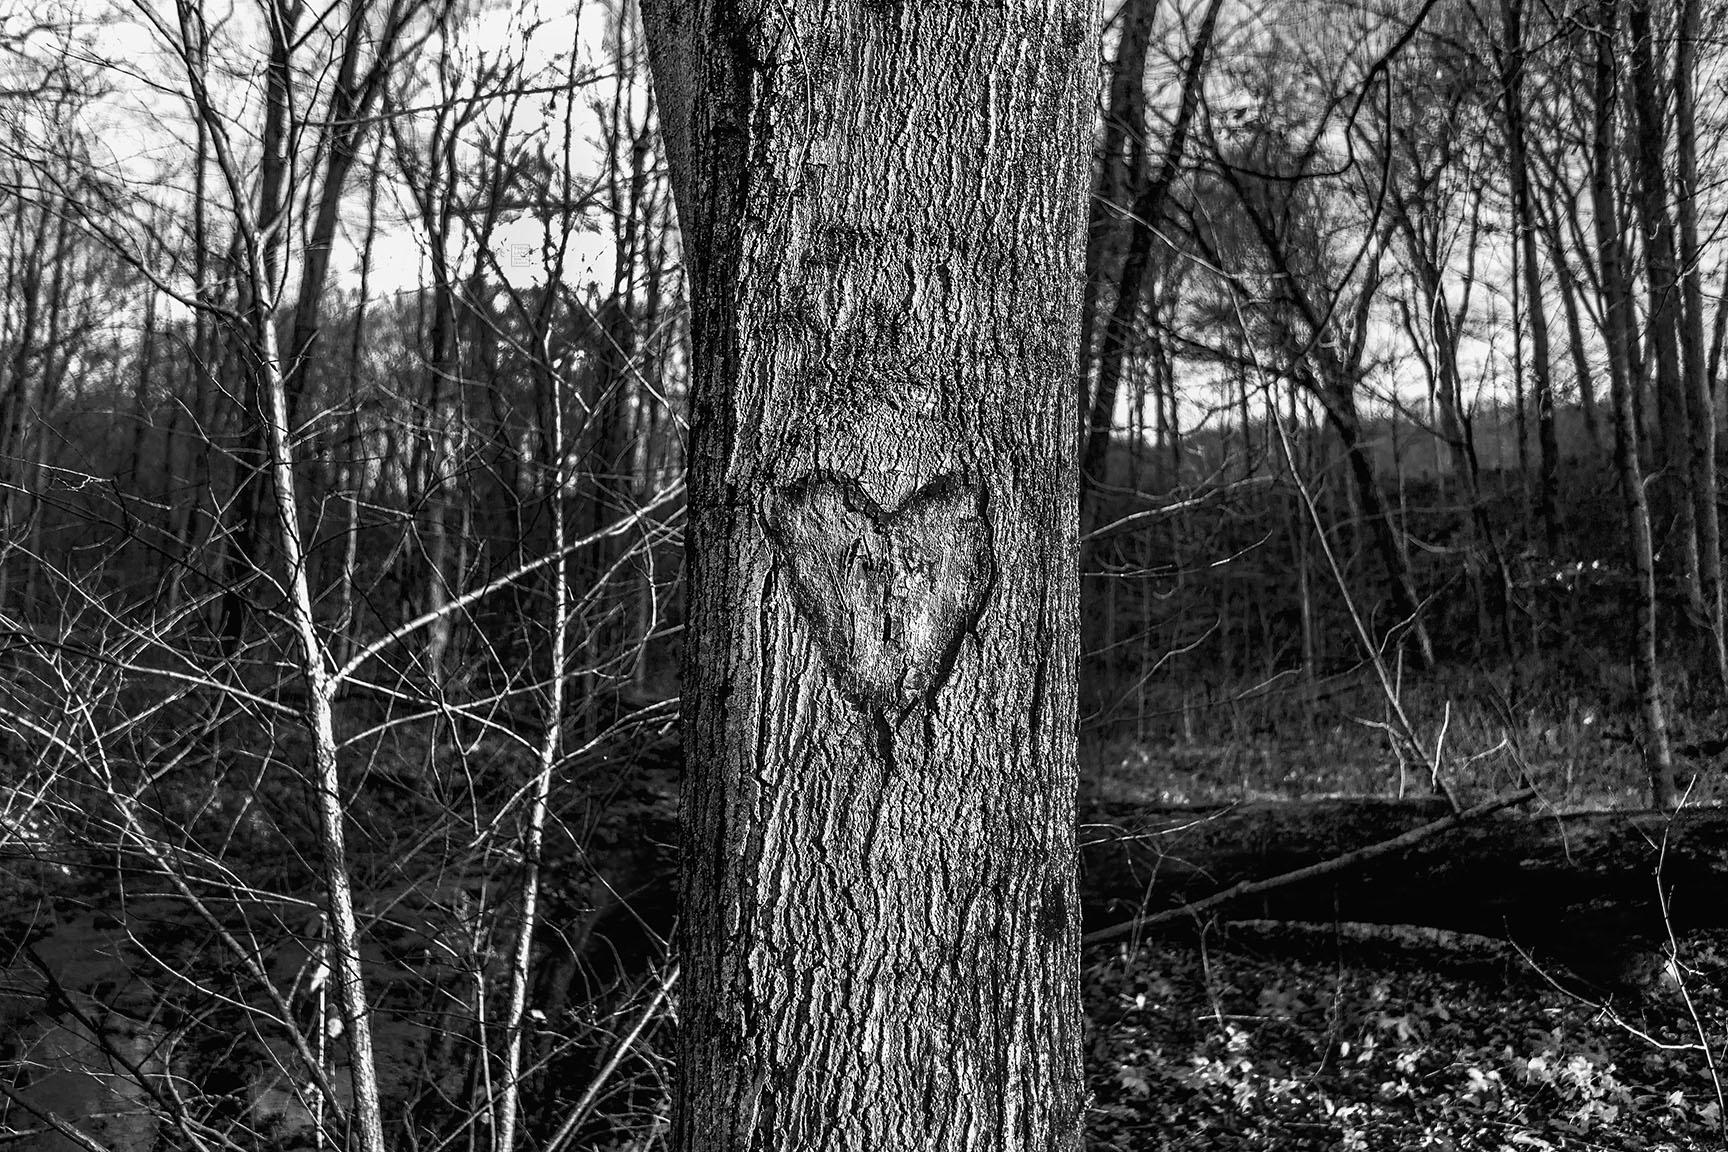 05_Tattoo Tree_5126-BLOG